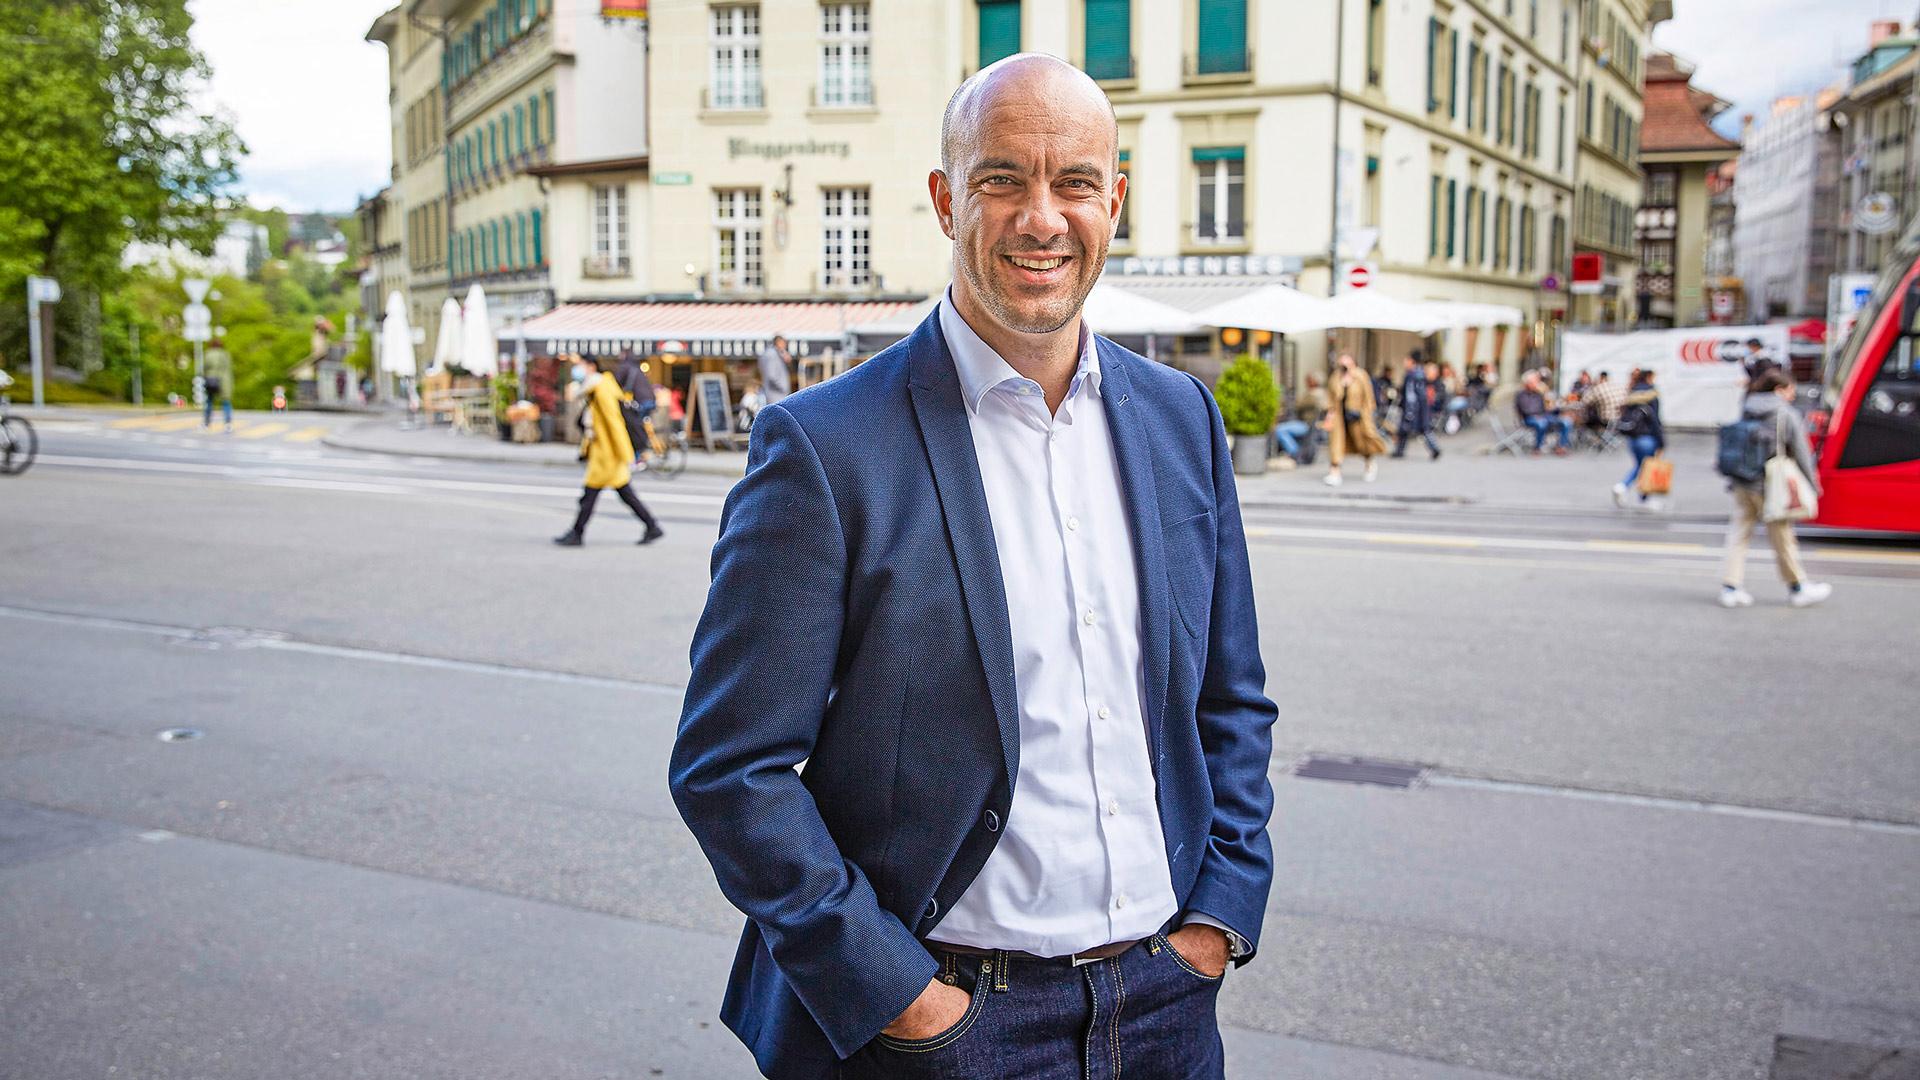 «In Bern kann der Kunde virtuell unter den Lauben flanieren»